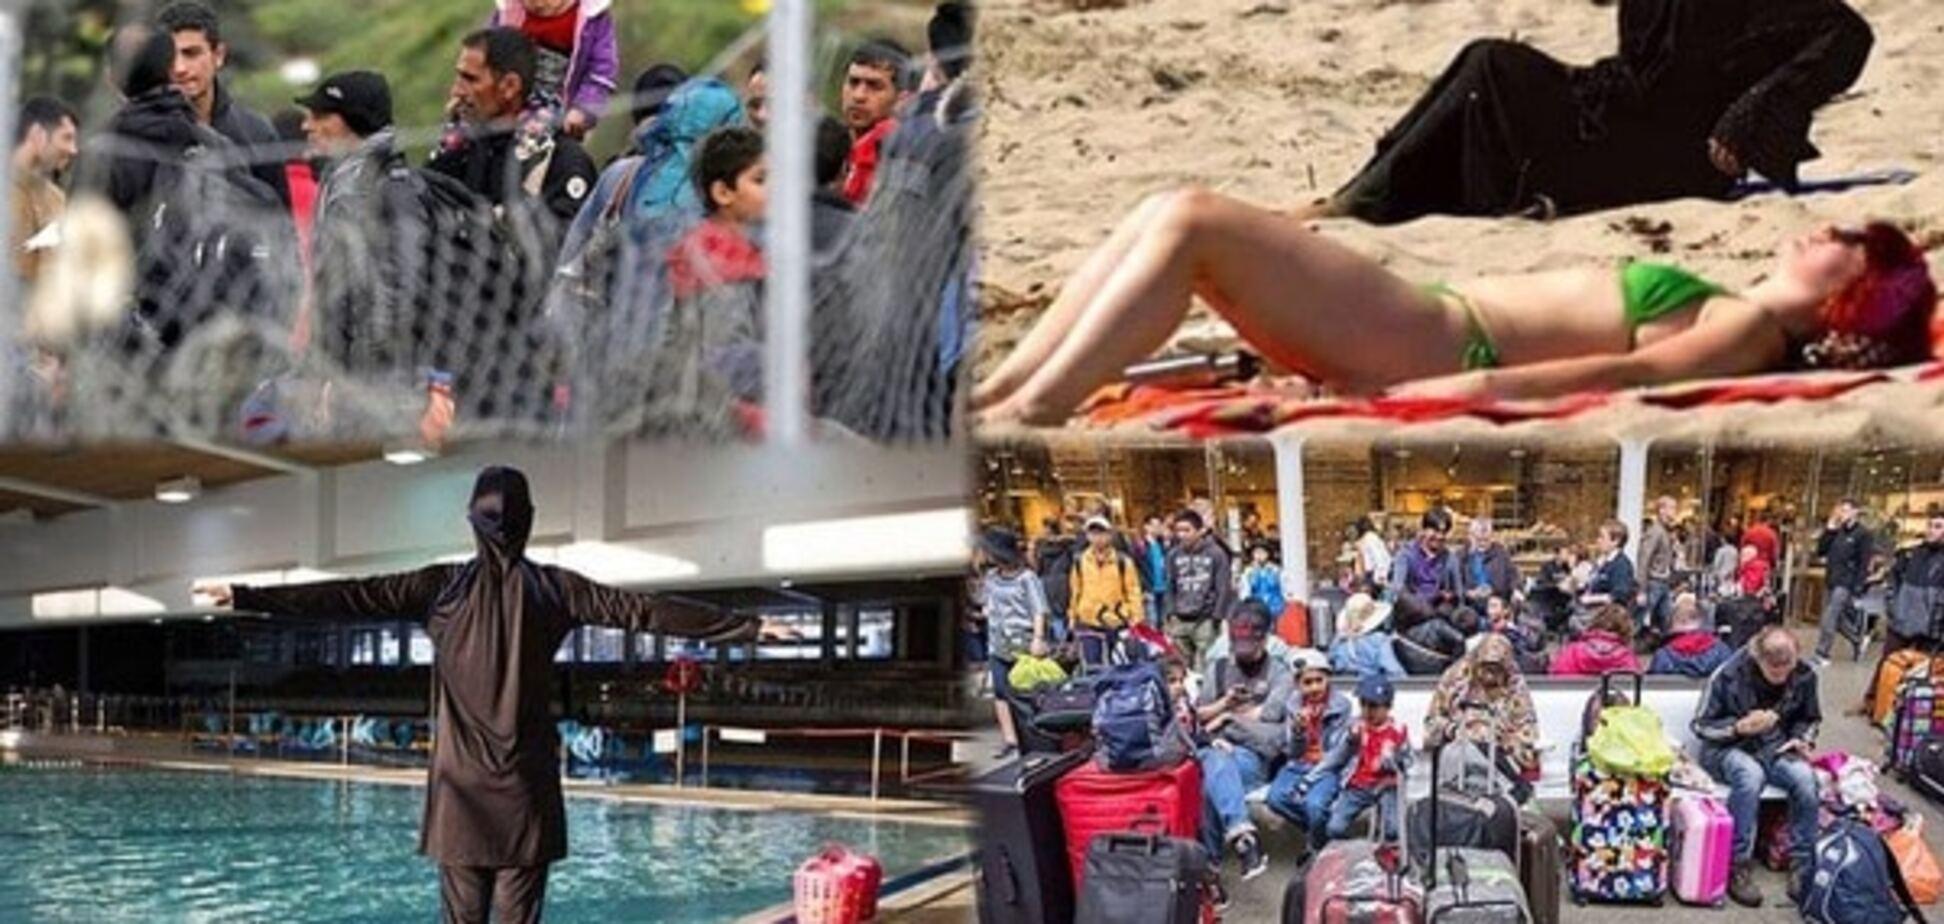 Біженці: безневинні жертви чи спекулянти?